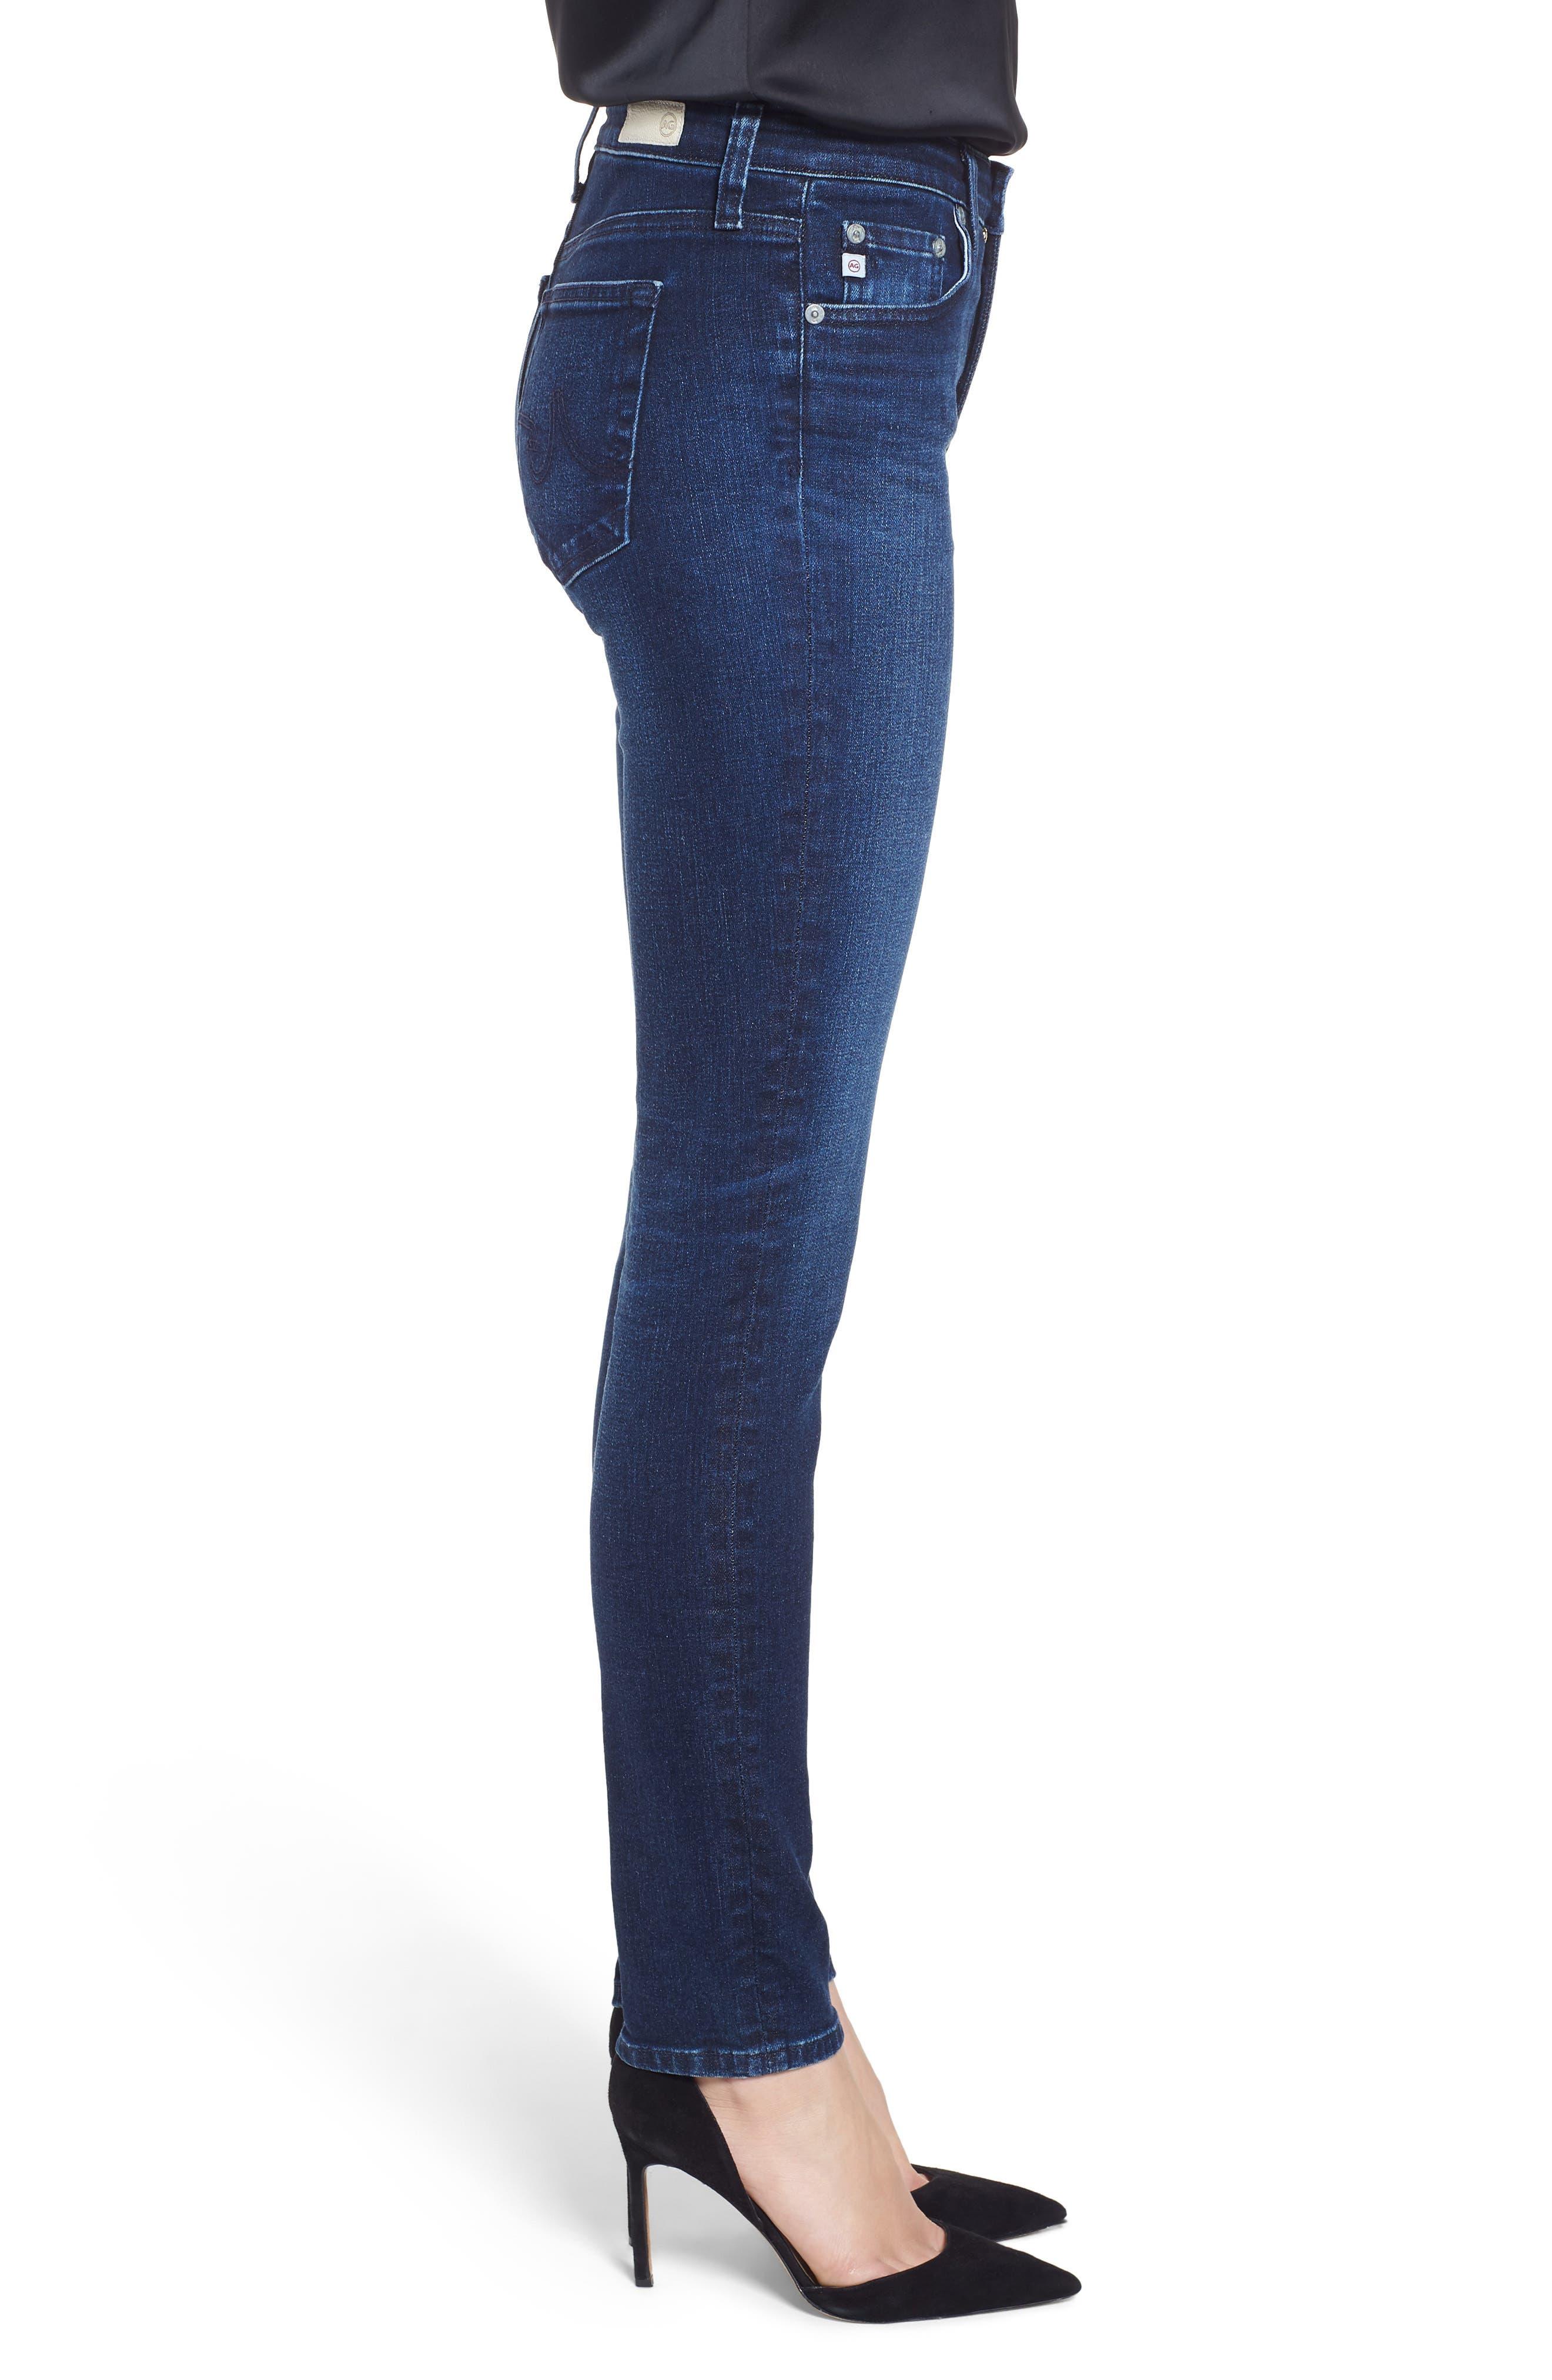 Prima Skinny Jeans,                             Alternate thumbnail 3, color,                             416